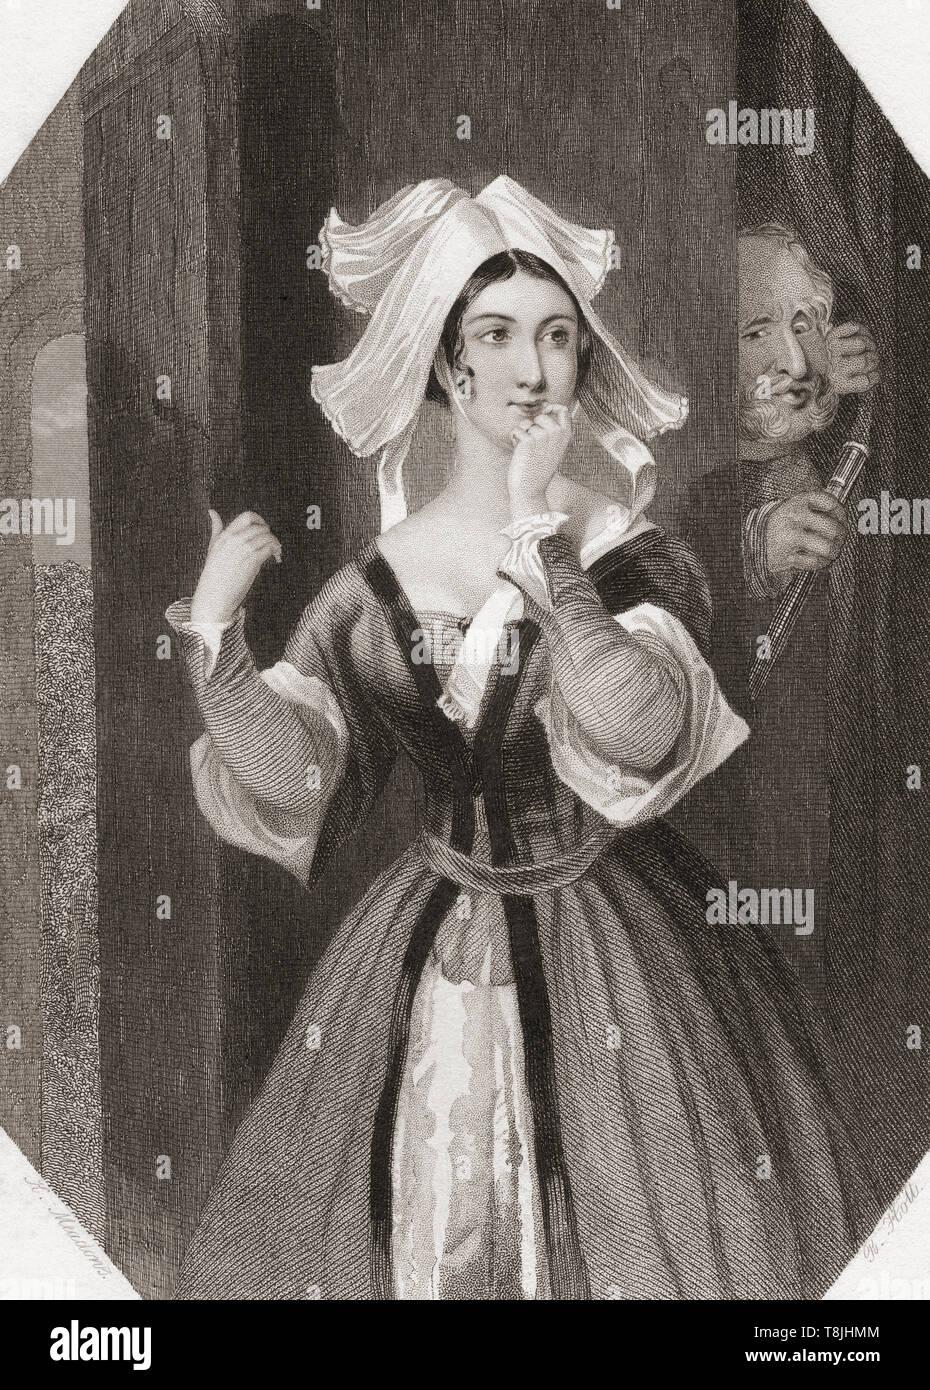 Frau Seite. Wichtigste weibliche Figur aus Shakespeares Die lustigen Weiber von Windsor. Von Shakespeare Gallery, veröffentlicht C 1840. Stockbild